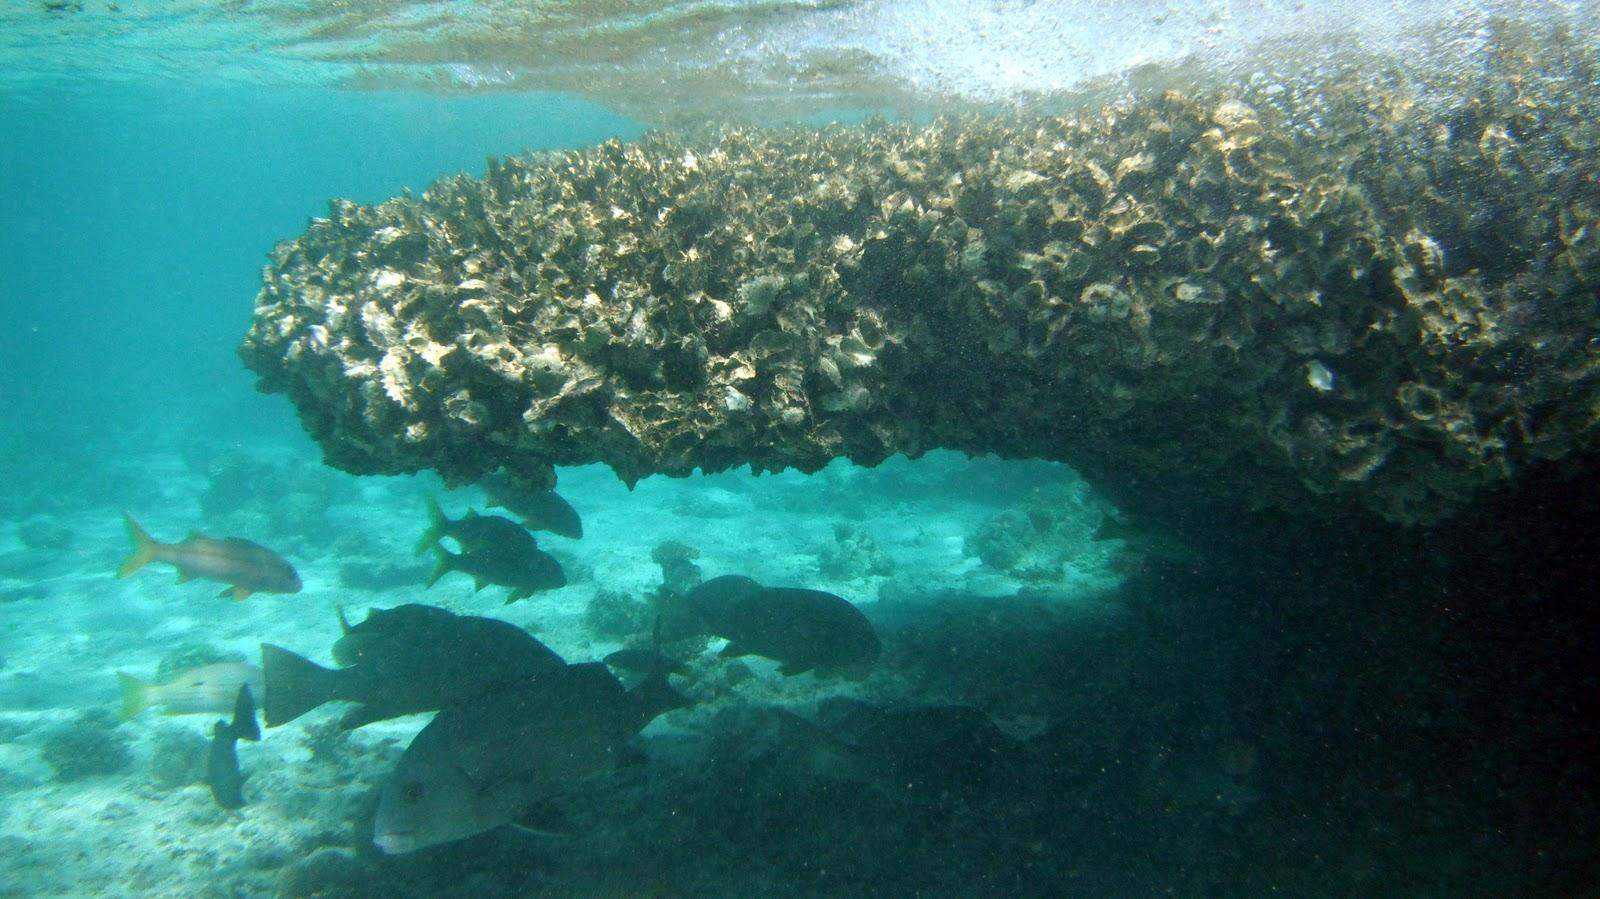 Underwater oyster reef - photo#3